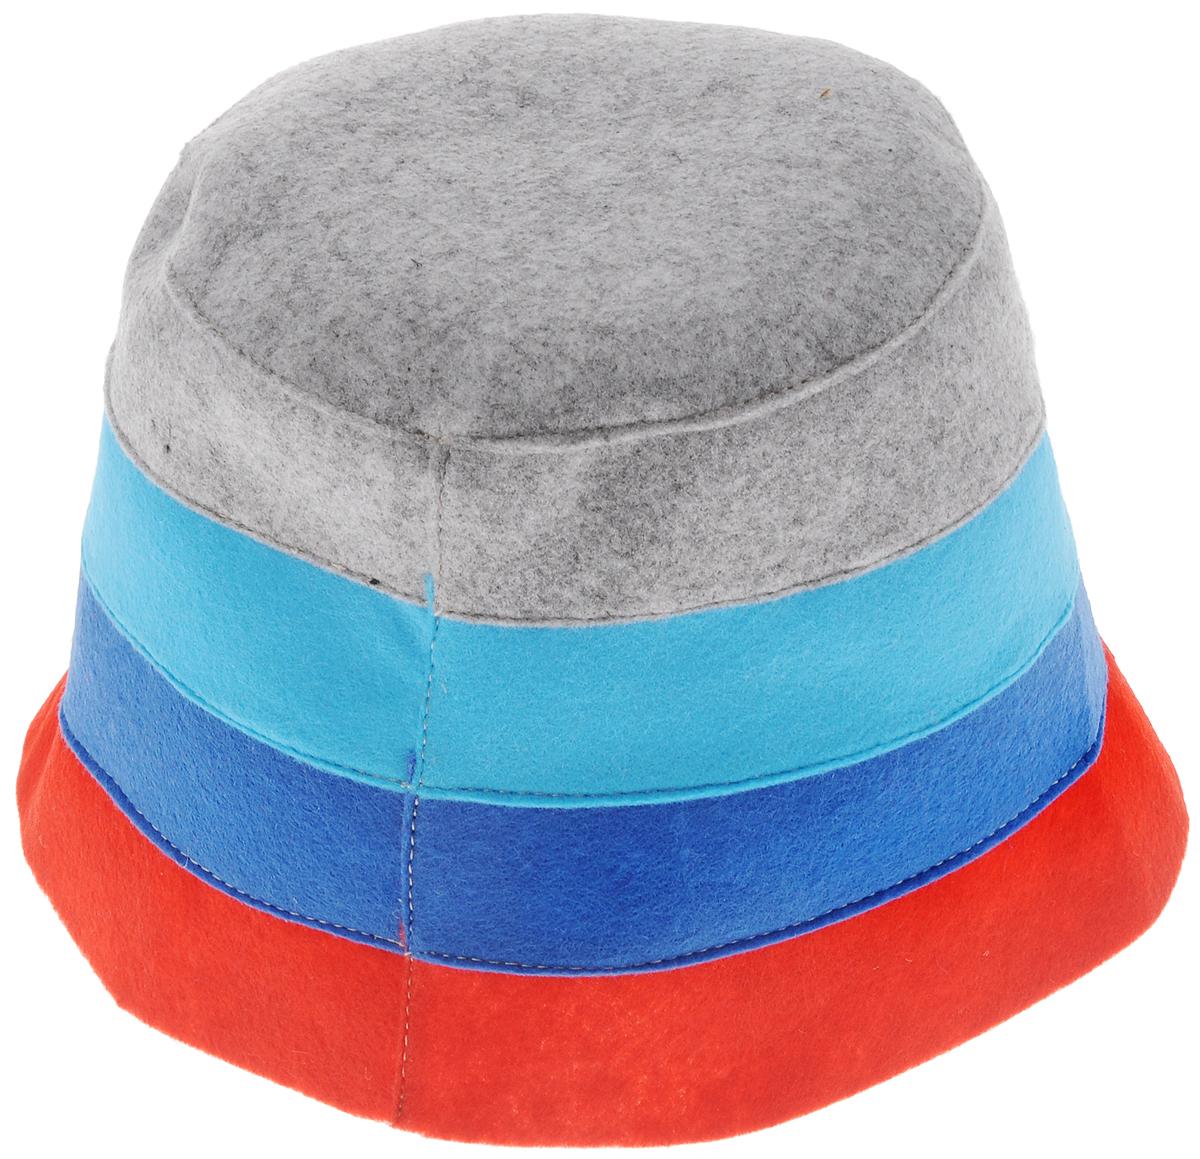 Шапка для бани и сауны Доктор баня В полоску, цвет: красный, синий, серый905254_красный, синий, голубой, серыйШапка для бани и сауны Доктор баня В полоску, выполненная из 100% полиэстера, является оригинальным и незаменимым аксессуаром для любителей попариться в русской бане и для тех, кто предпочитает сухой жар финской бани. Необычный дизайн изделия поможет сделать ваш отдых более приятным и разнообразным. При правильном уходе шапка прослужит долгое время. Обхват головы: 60 см.